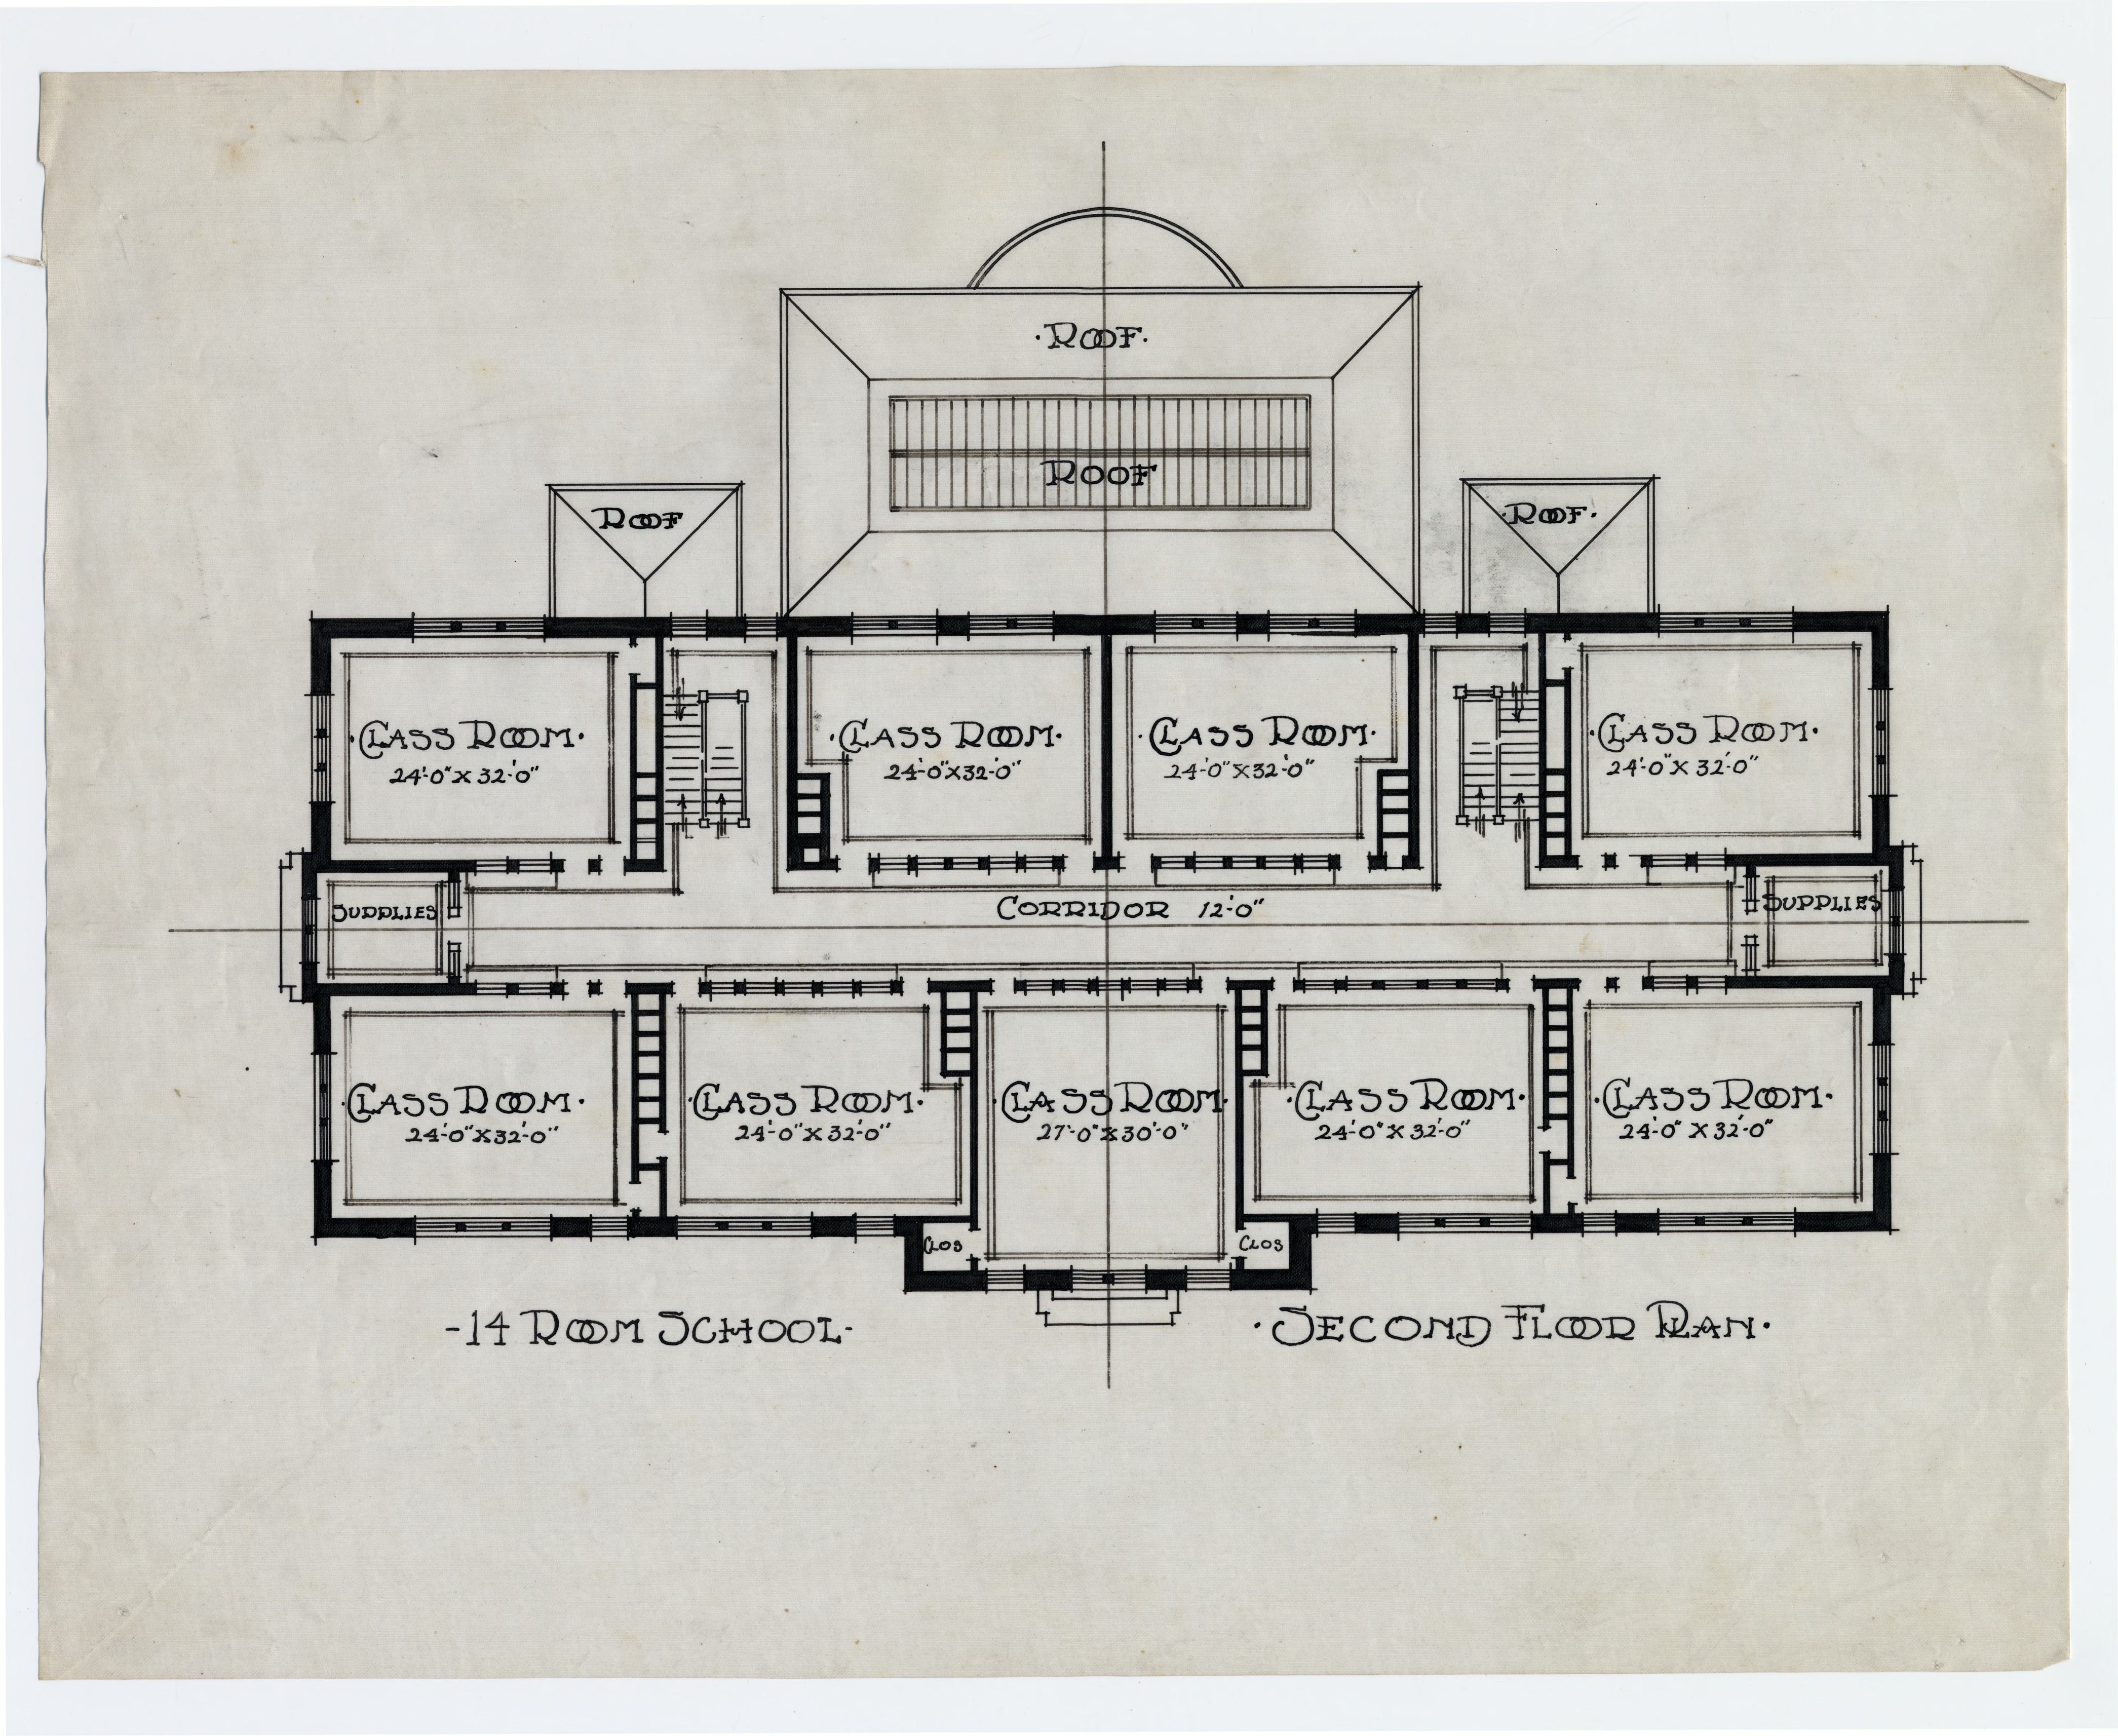 Second Floor Plan School Building Scotland Neck N C